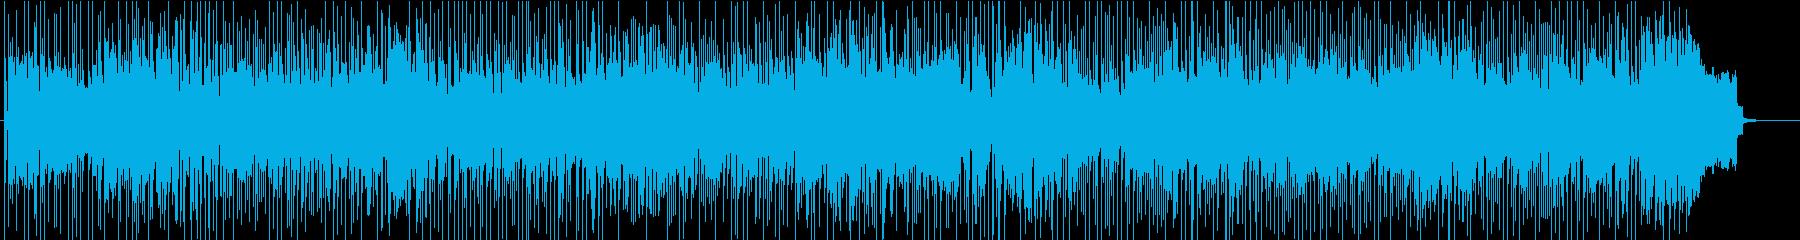 テナーの合間にエレピソロ重めフュージョンの再生済みの波形